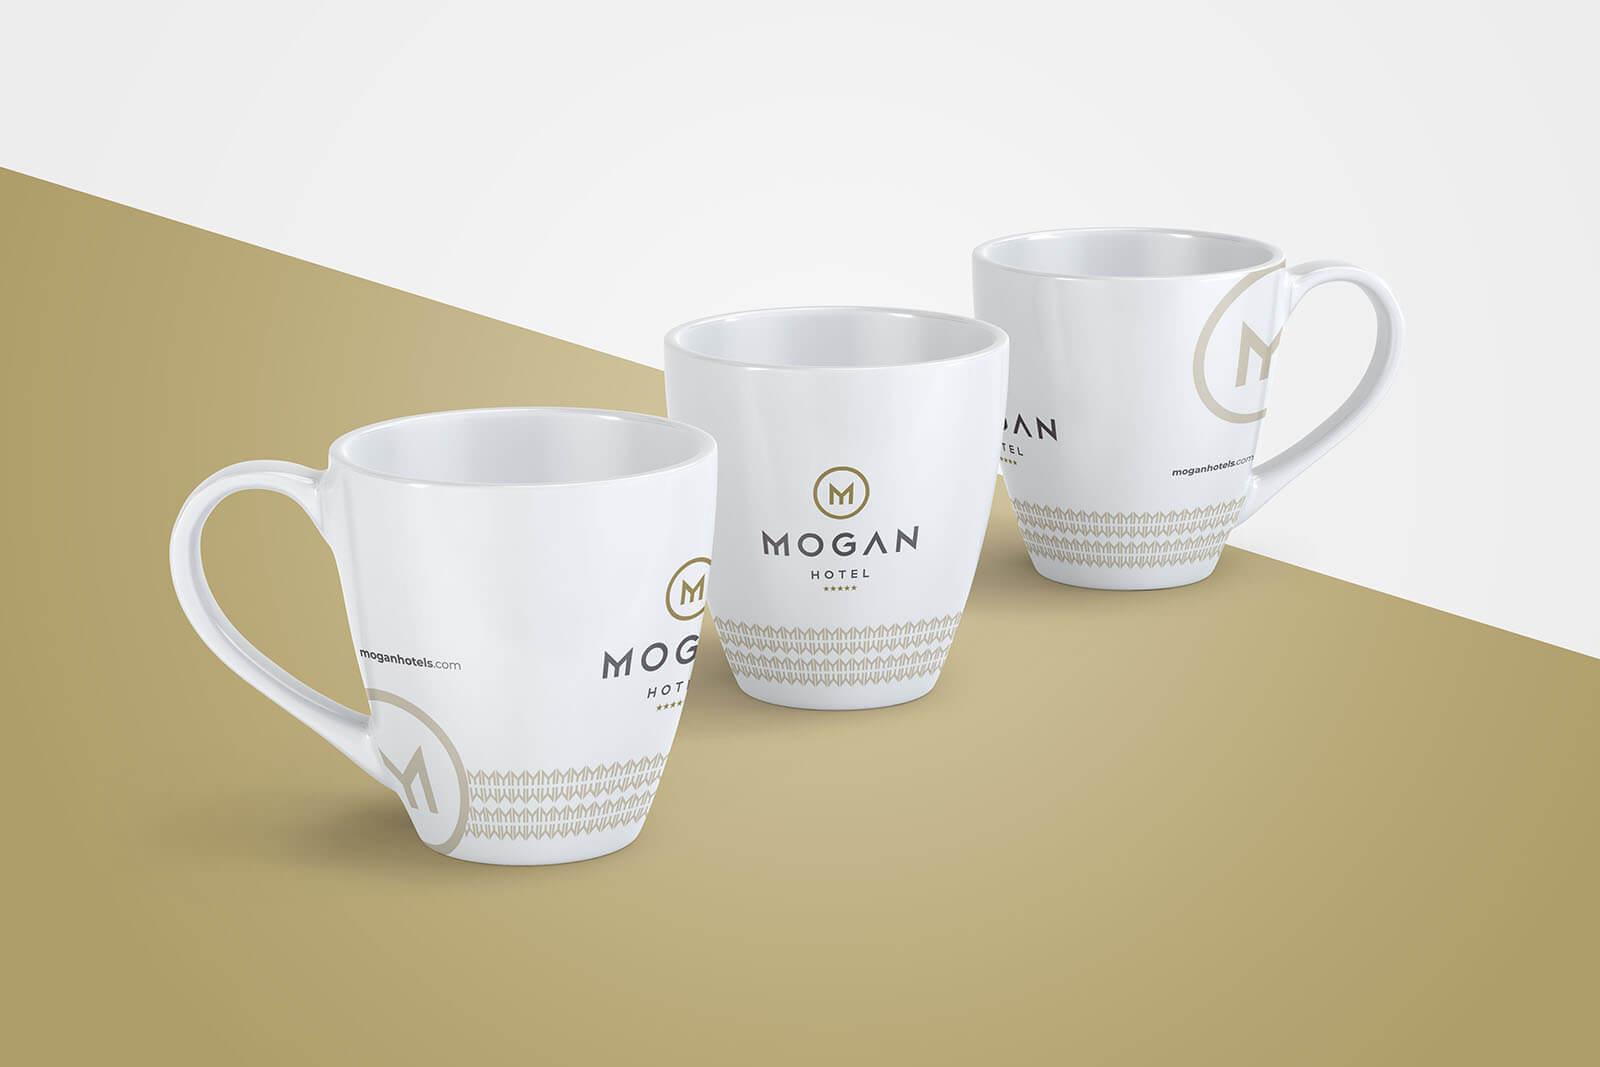 mogan hotles 9